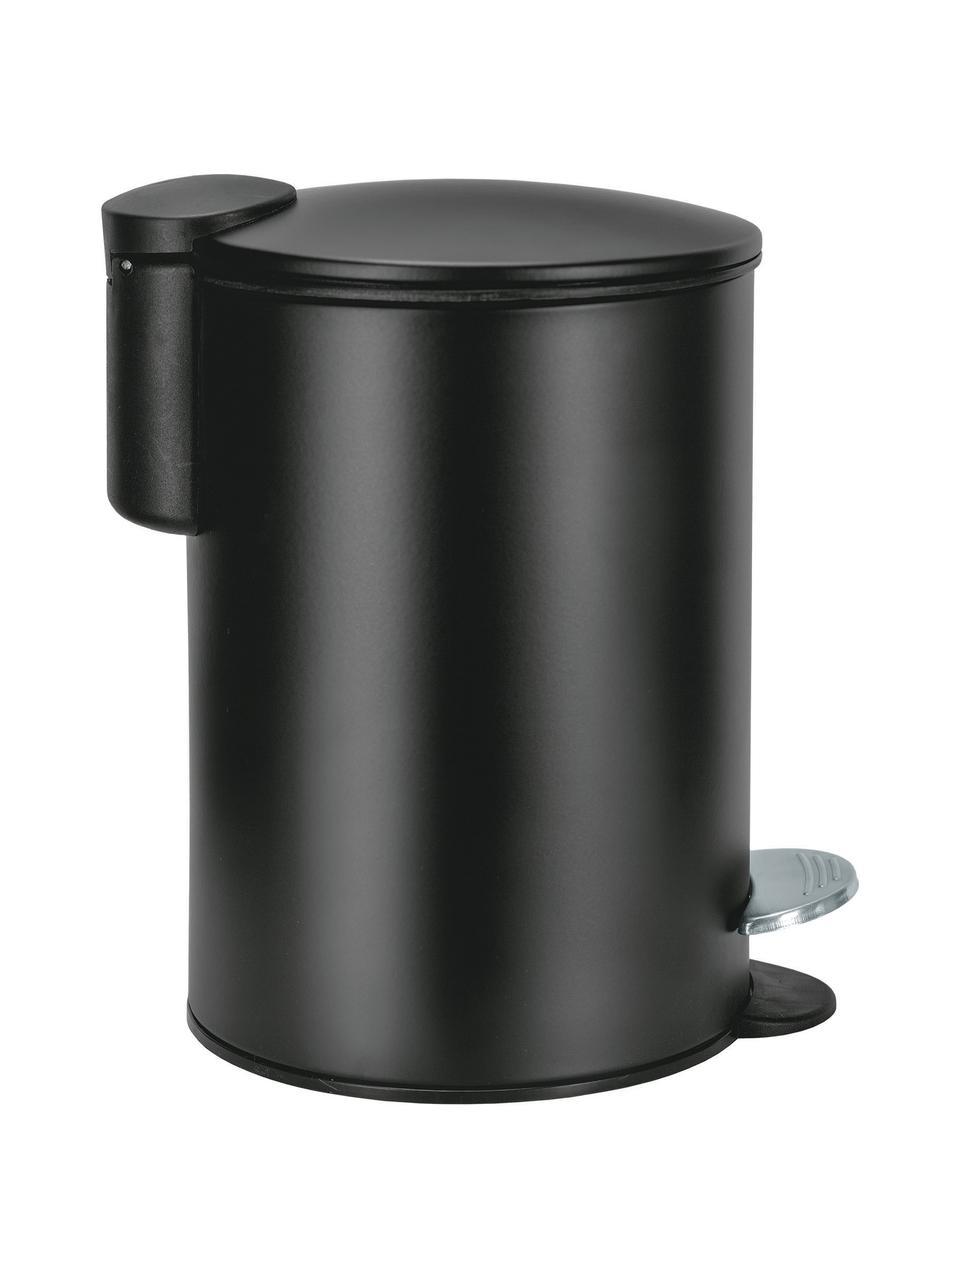 Abfalleimer Silence mit Pedalfunktion, Metall, lackiert, Schwarz, Ø 17 x H 24 cm